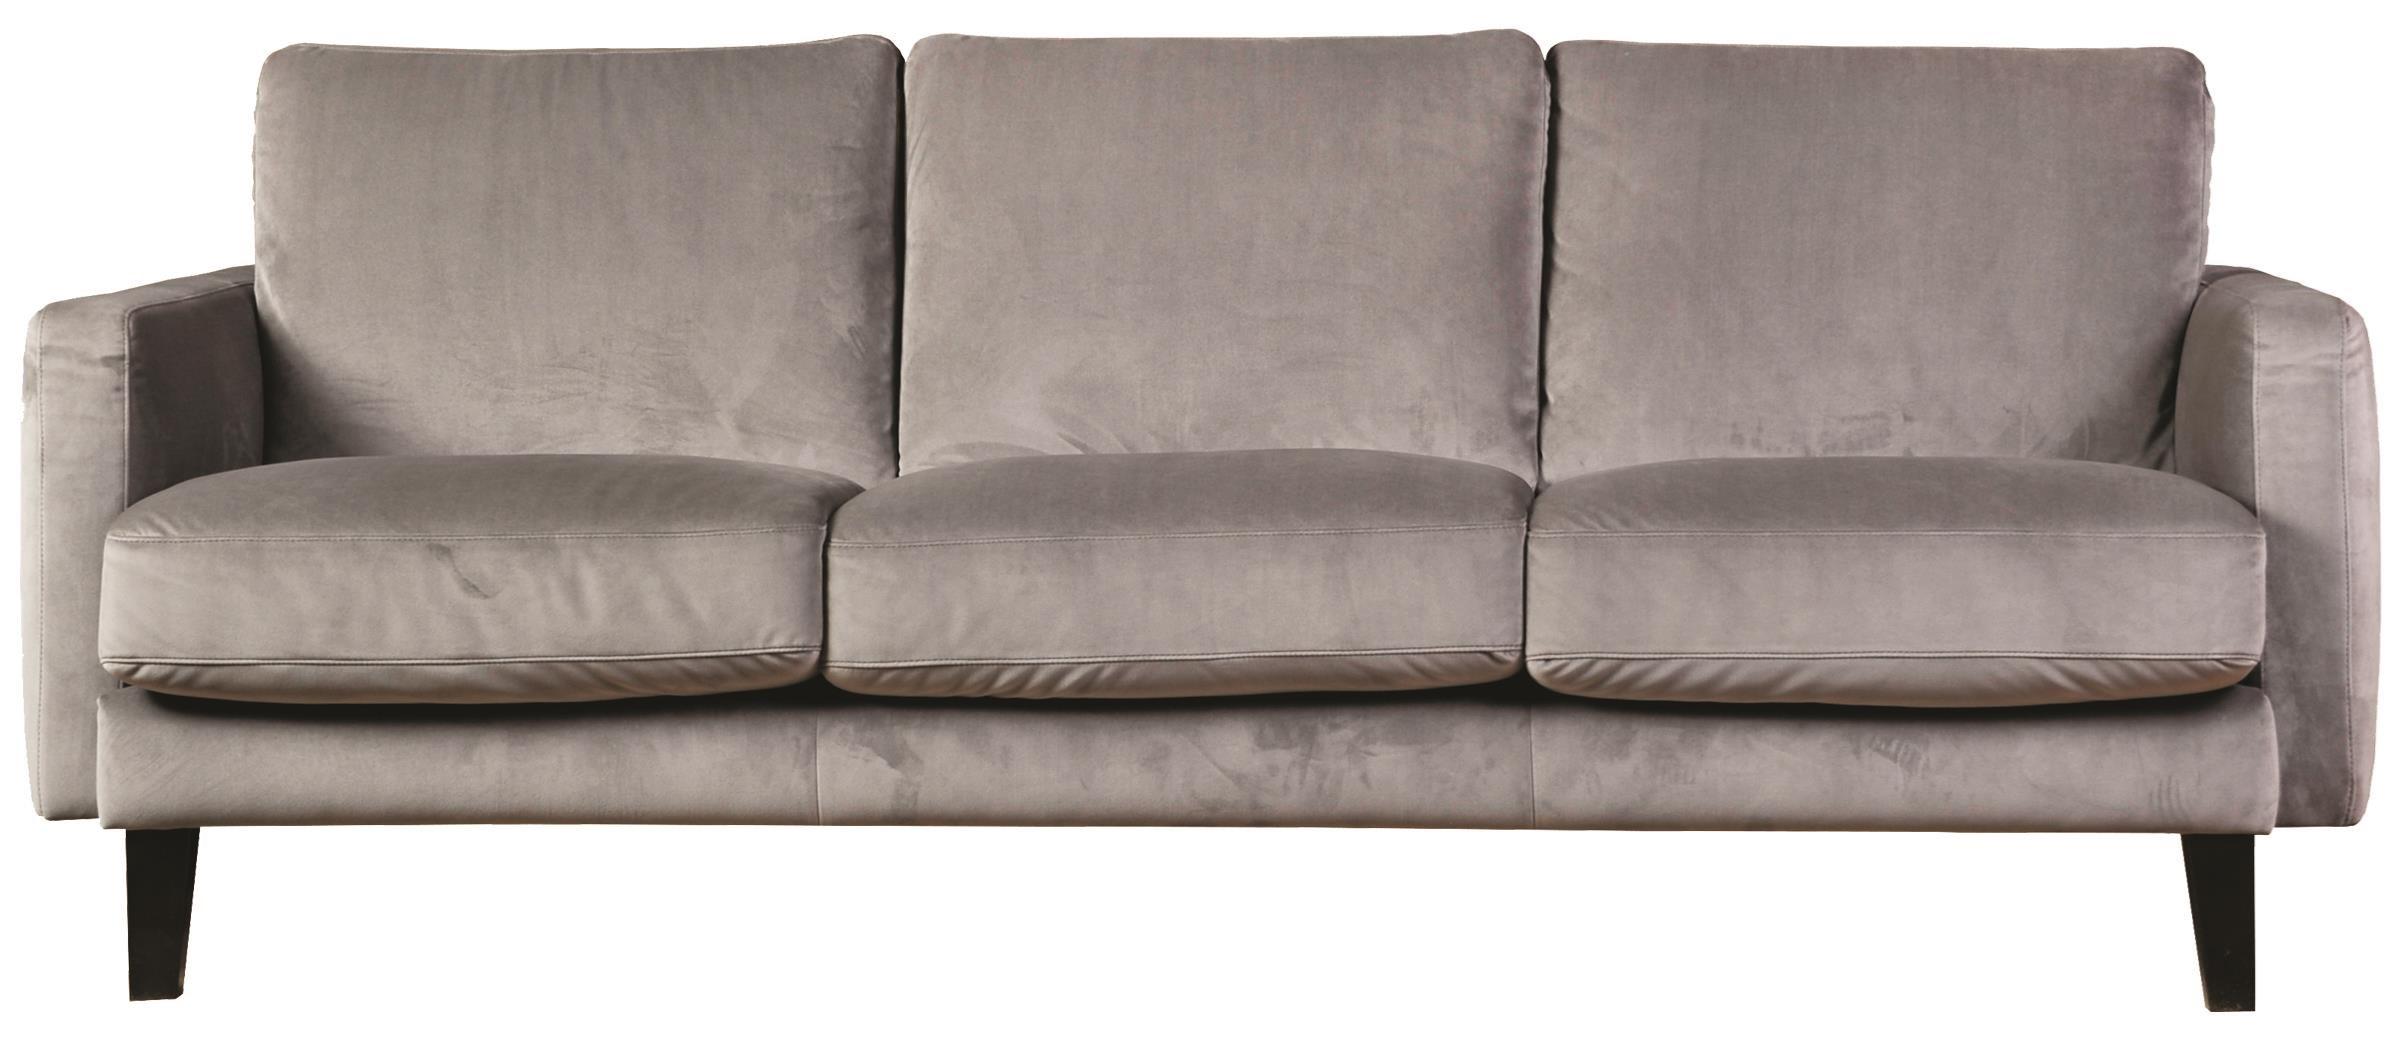 B973 Sofa by Natuzzi Editions at Williams & Kay